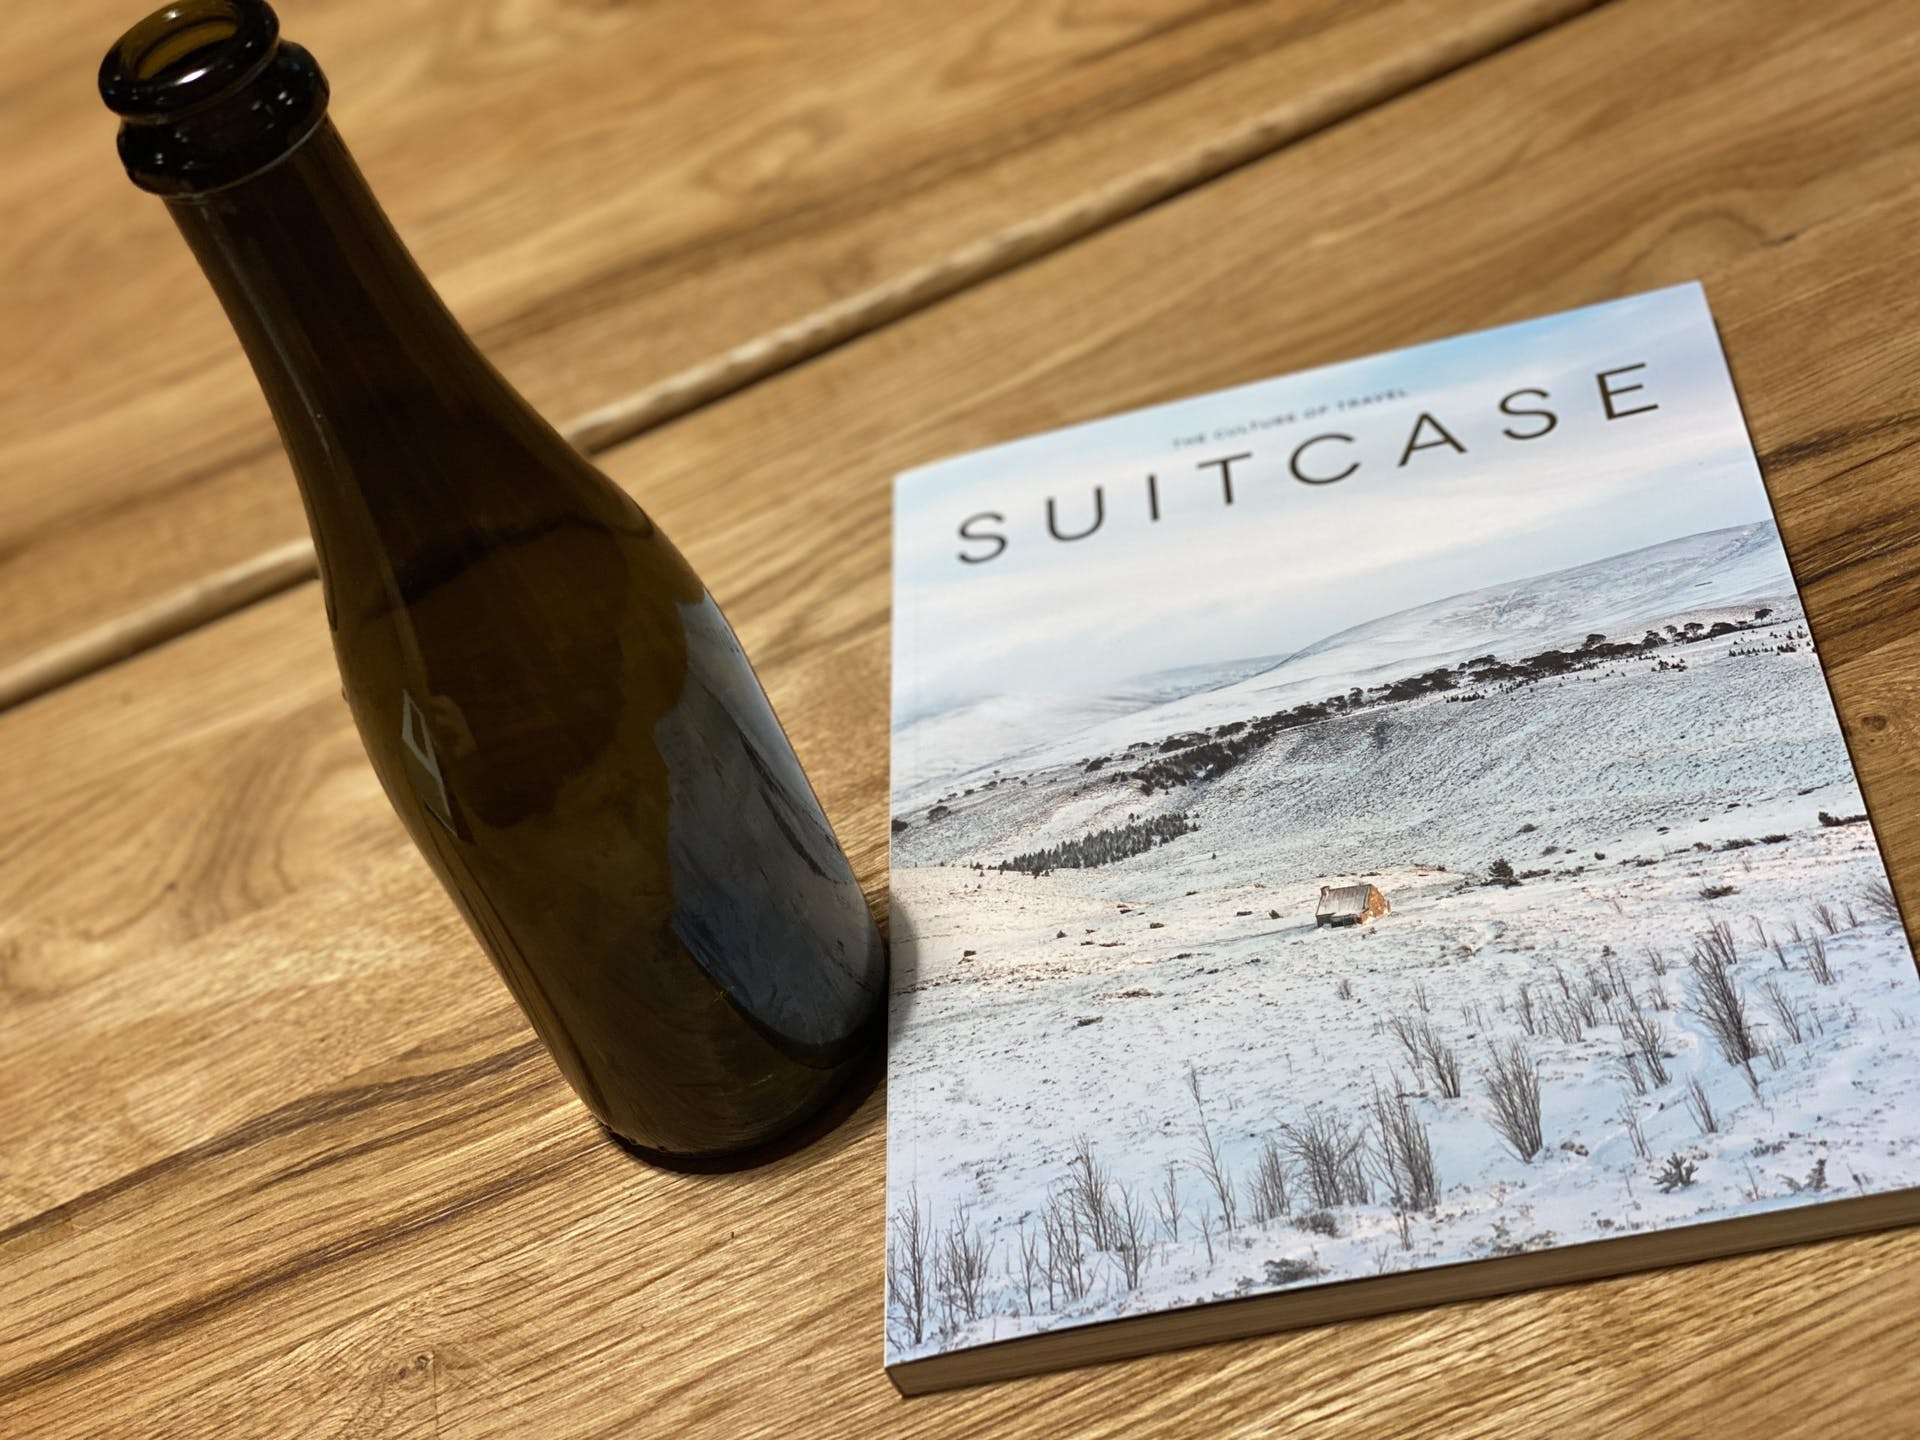 suitcase travel magazine norfolk destination staycation